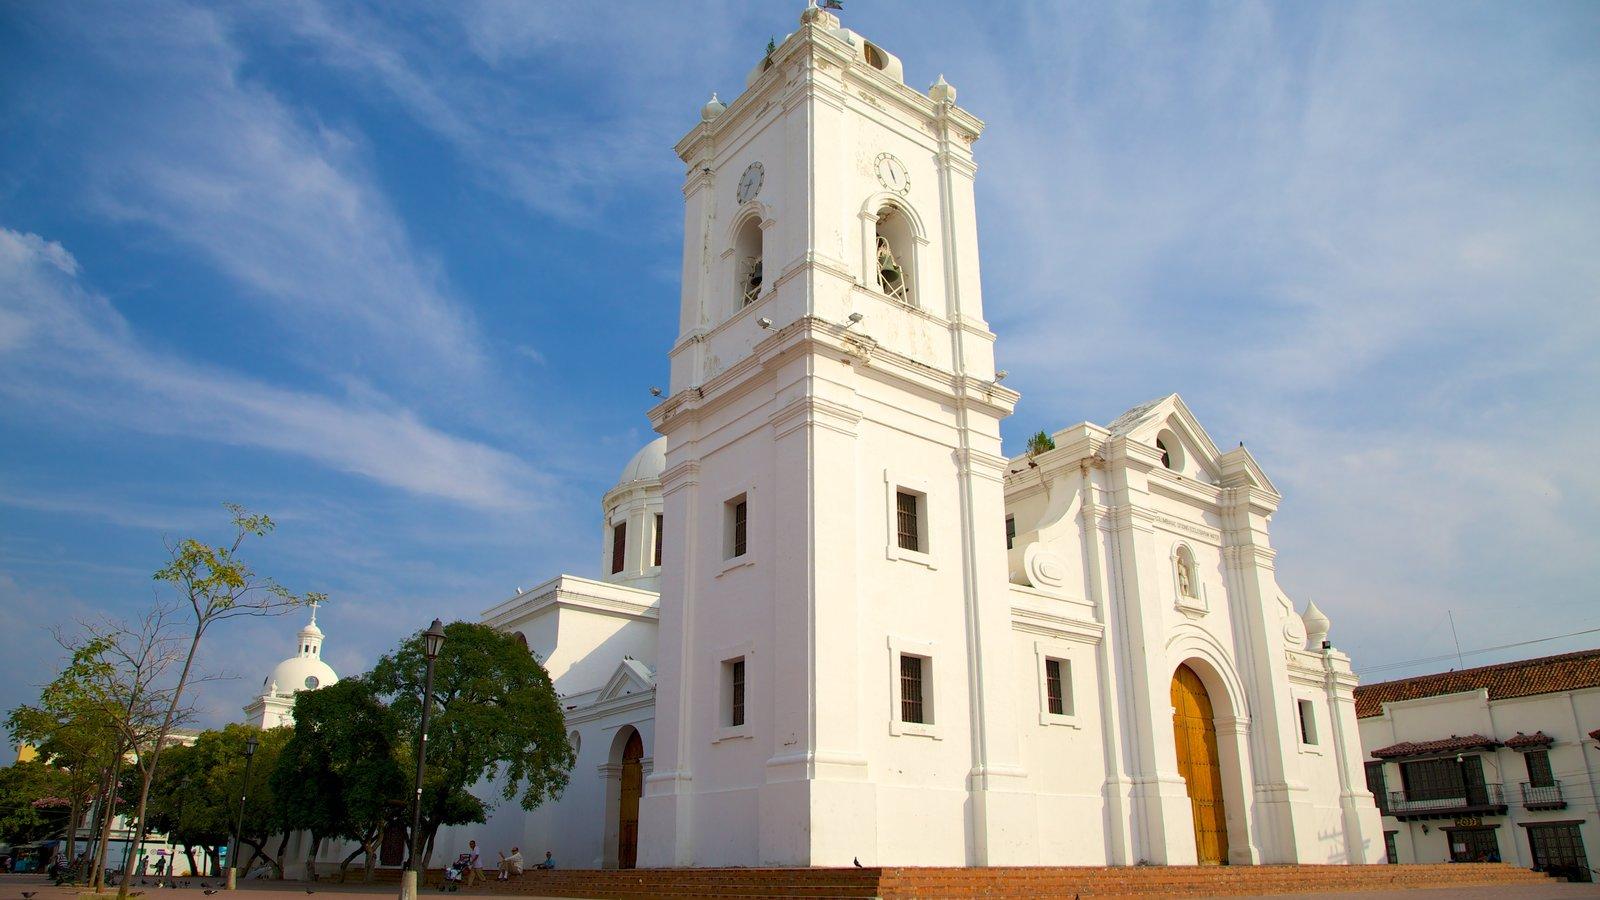 Catedral Santa Marta mostrando elementos de patrimônio e uma igreja ou catedral